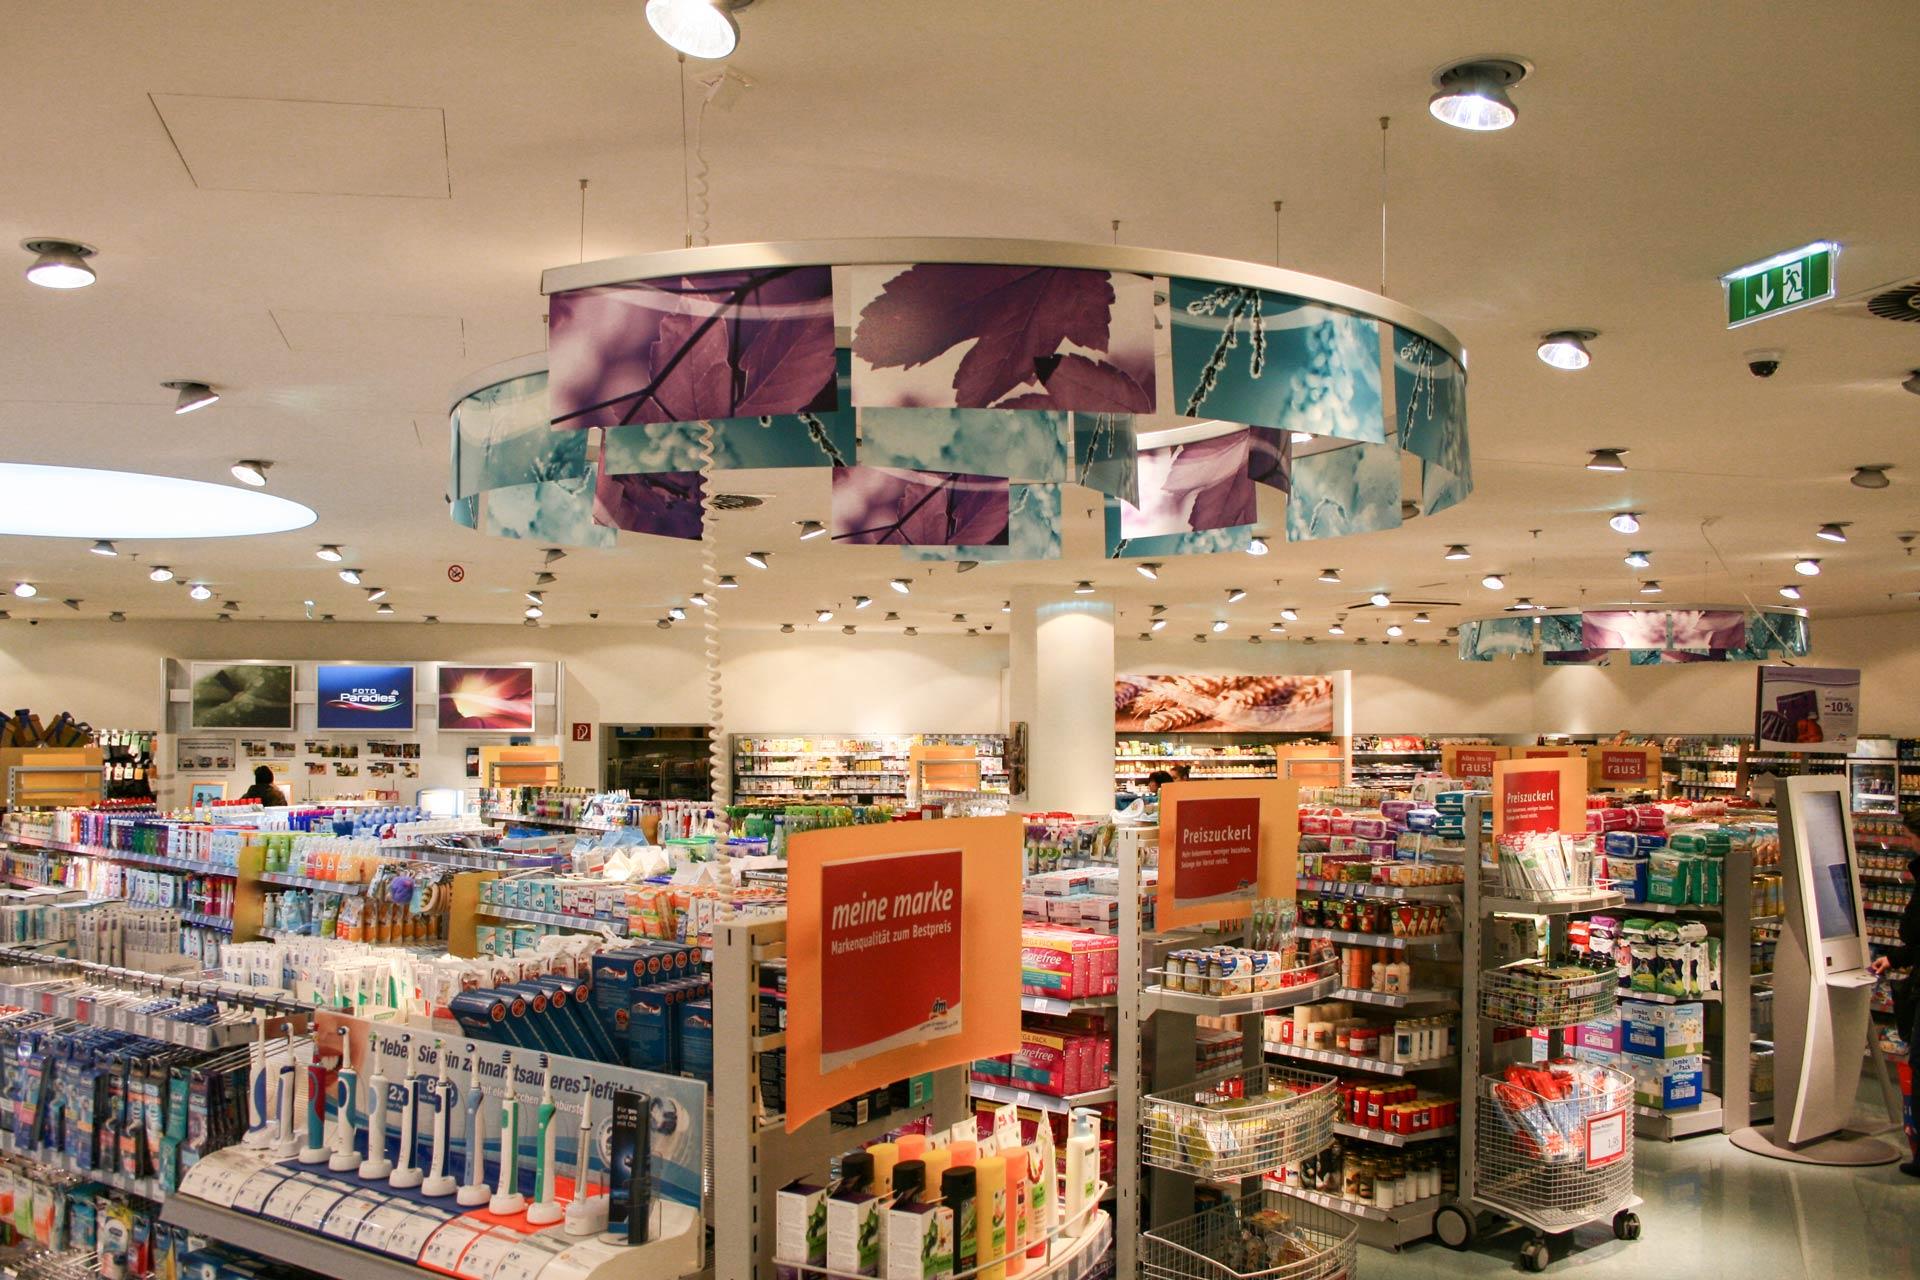 Deckenhänger in Drogerie Markt